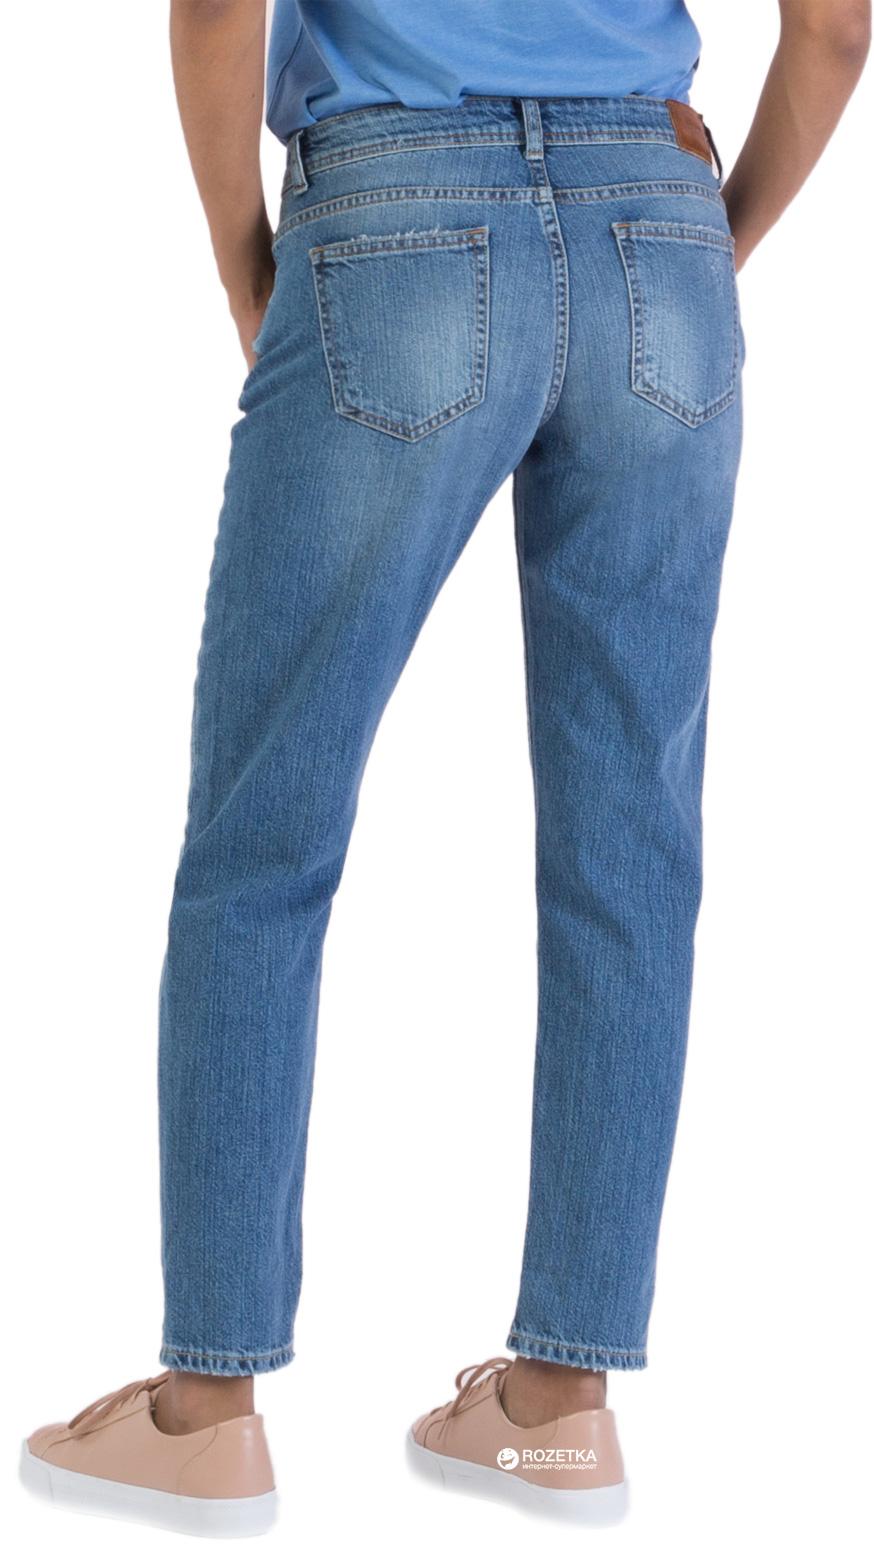 Удобные голубые джинсы Colin's